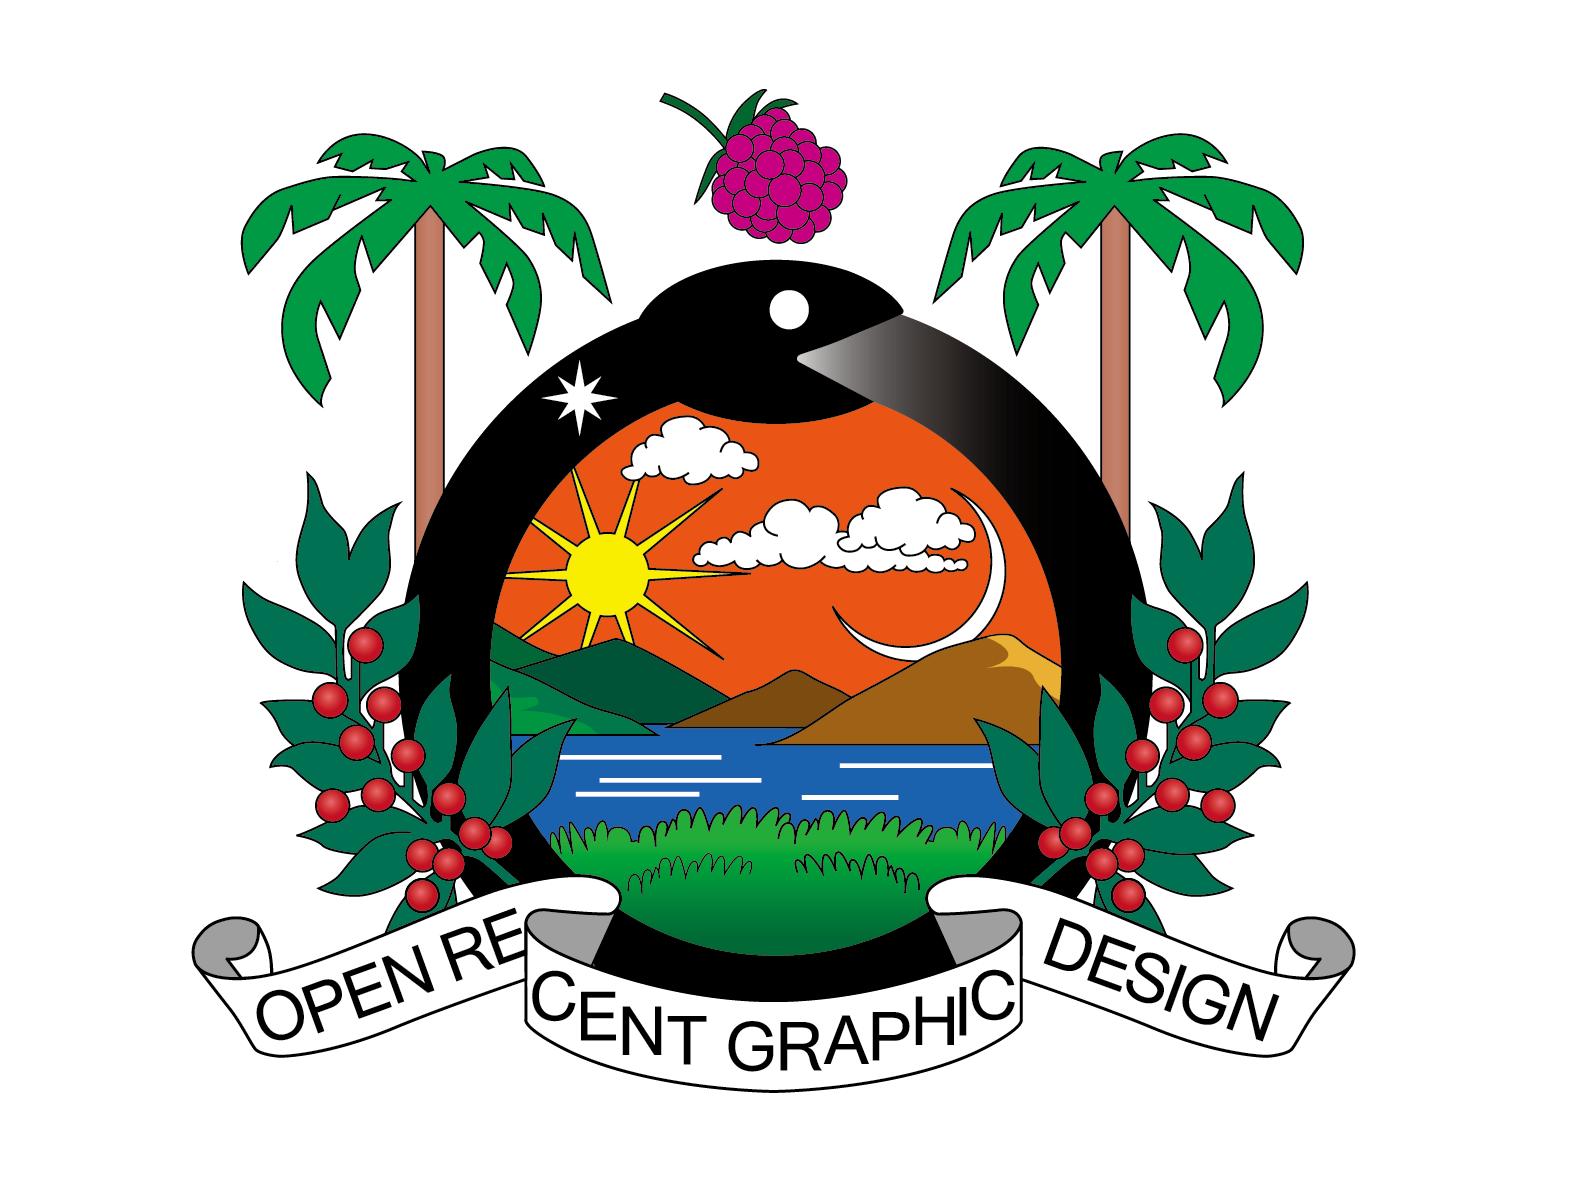 그래픽 디자인 전시 «ORGD 2018»의 도록